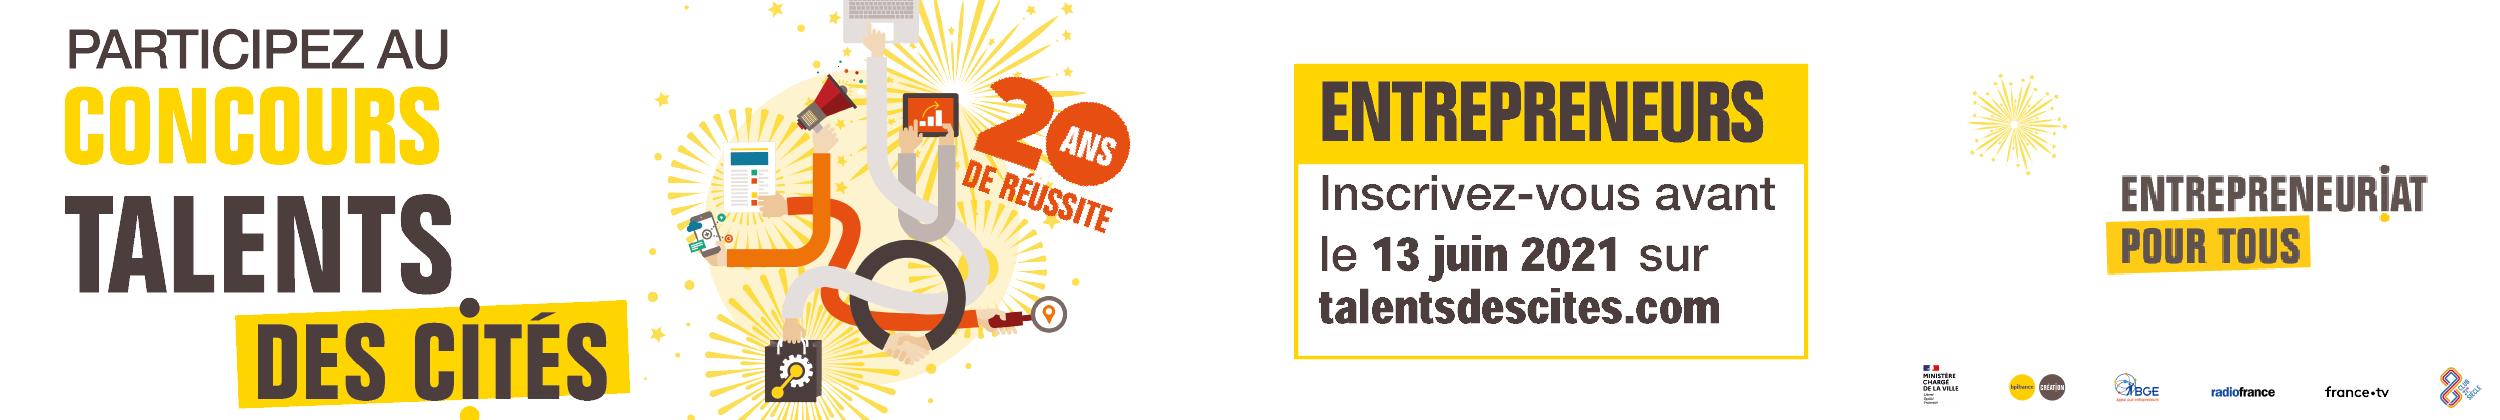 Bannière accueil sites web - Talents des Cités 2021- CB 100521_Plan de travail 1